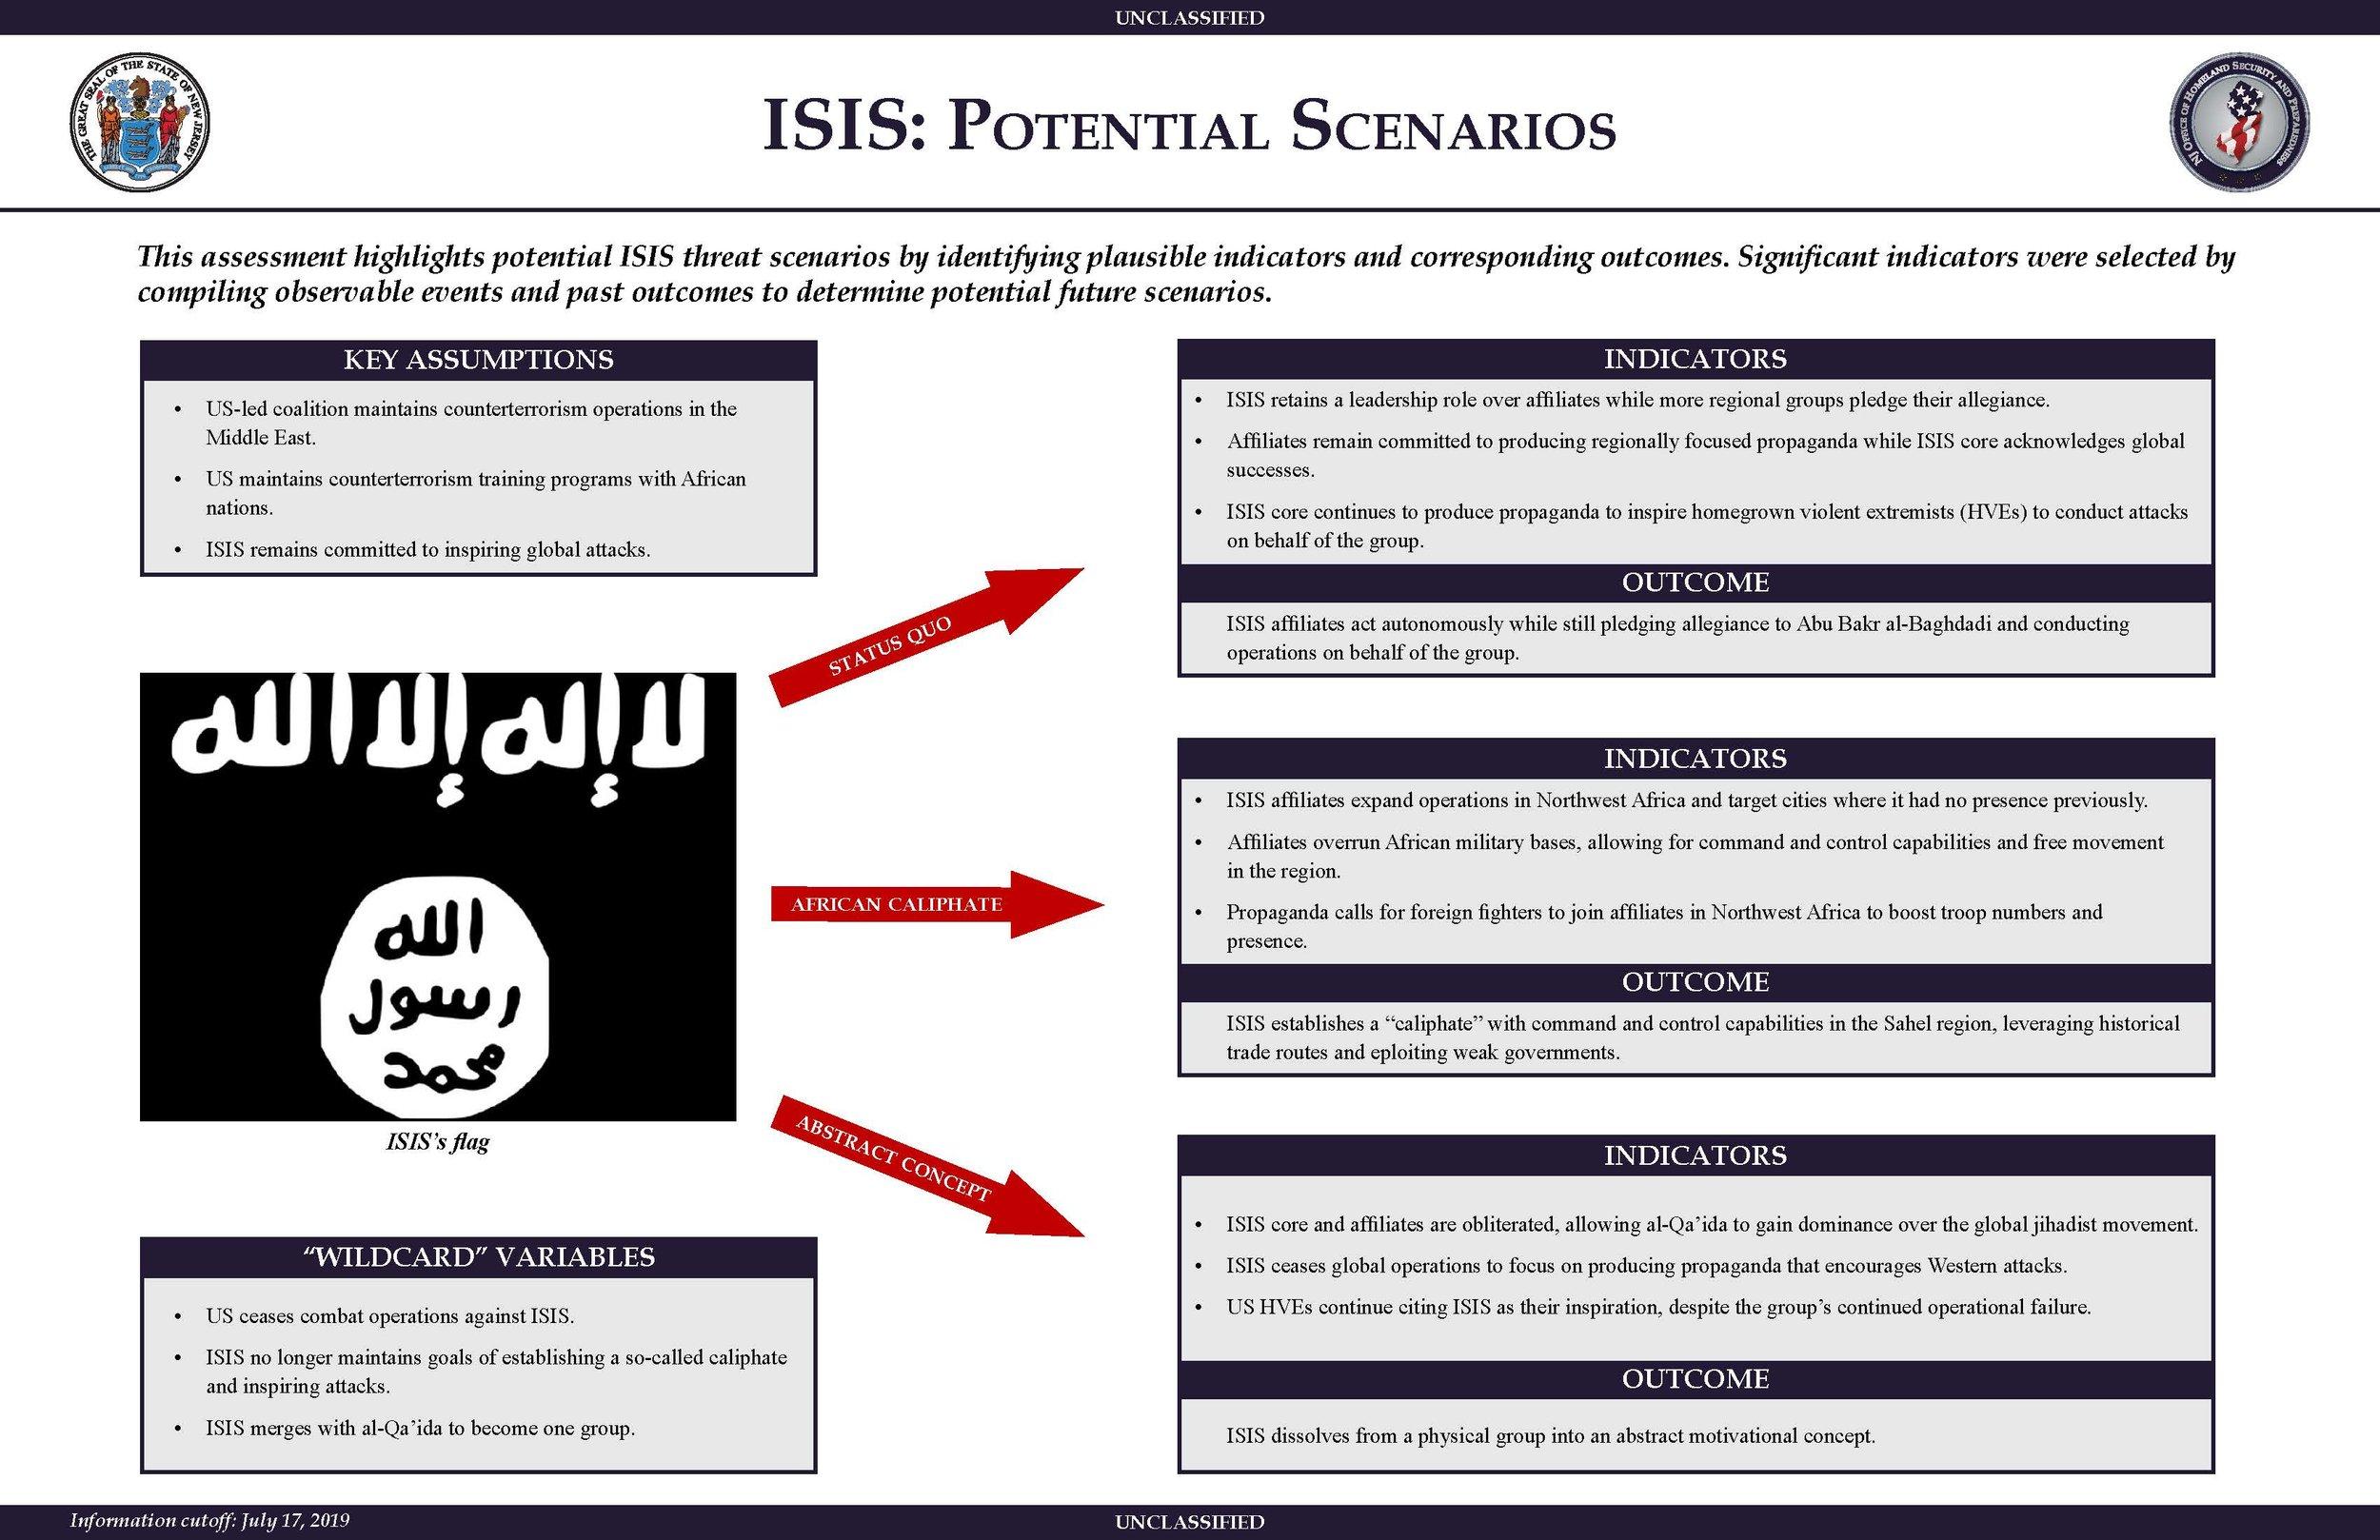 ISIS Potential Scenarios.jpg